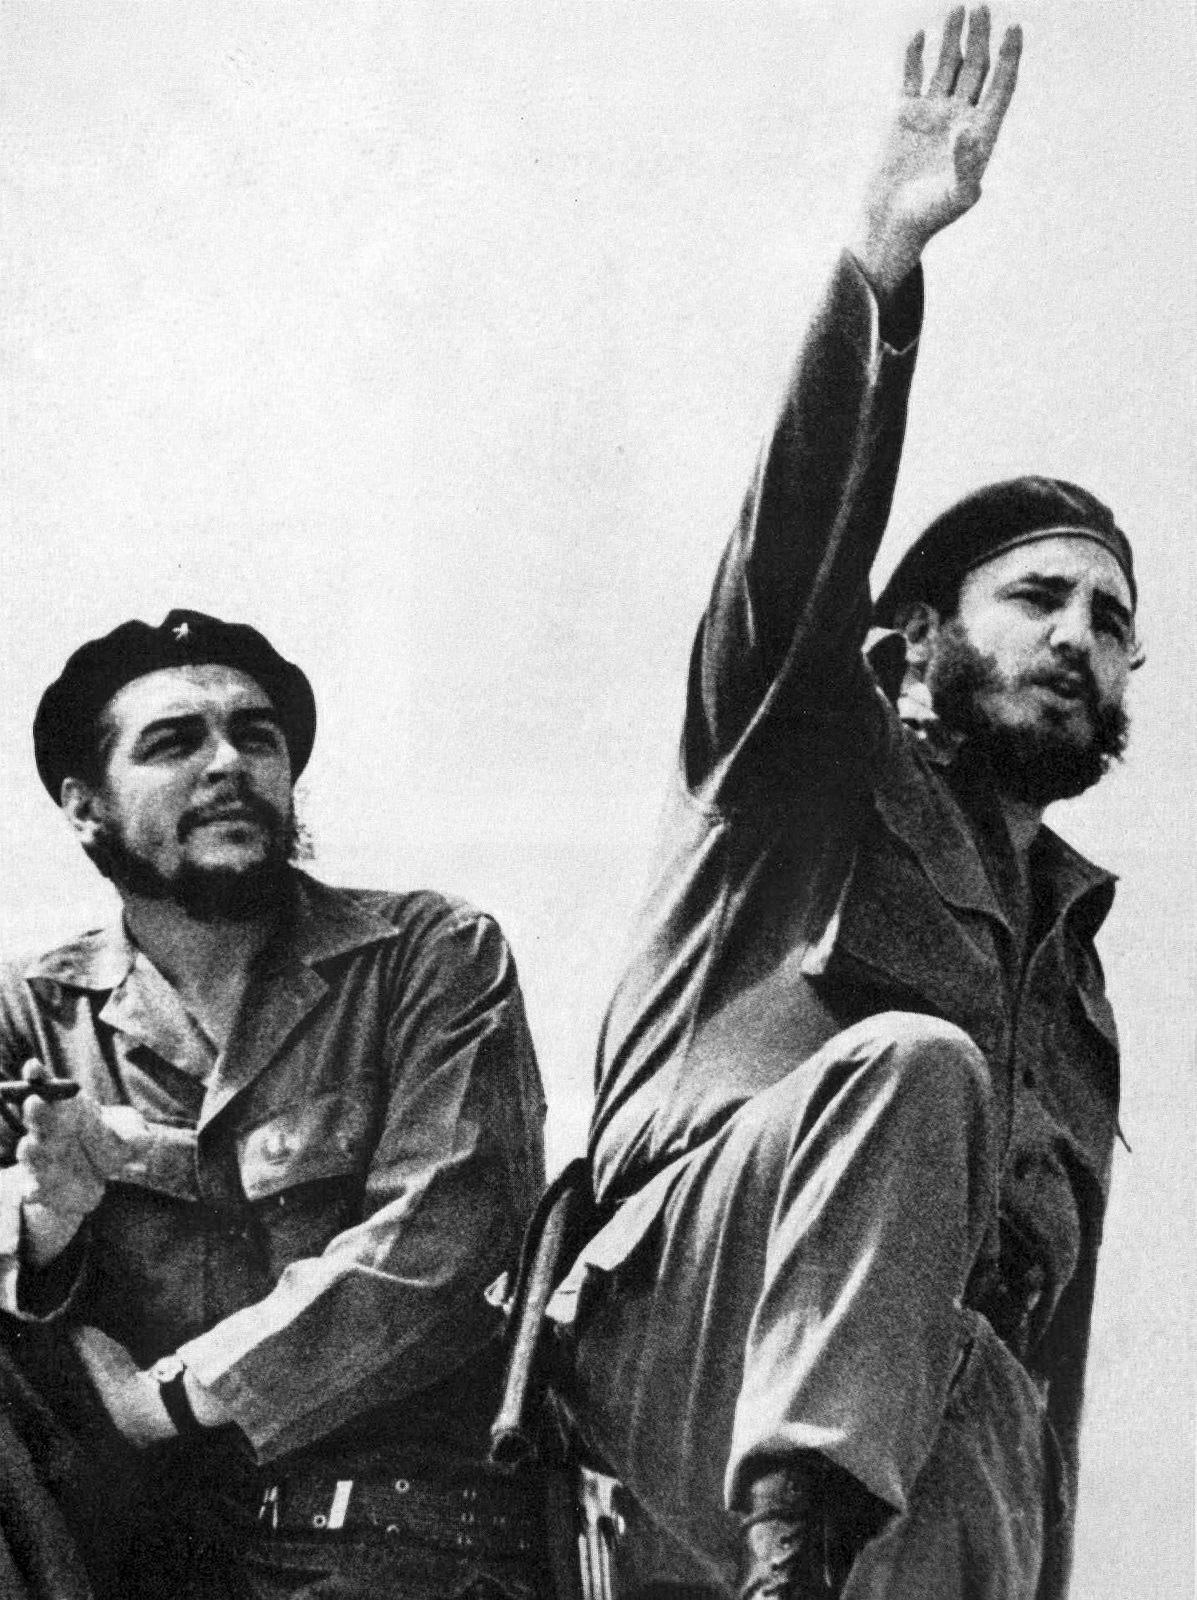 Che and Castro